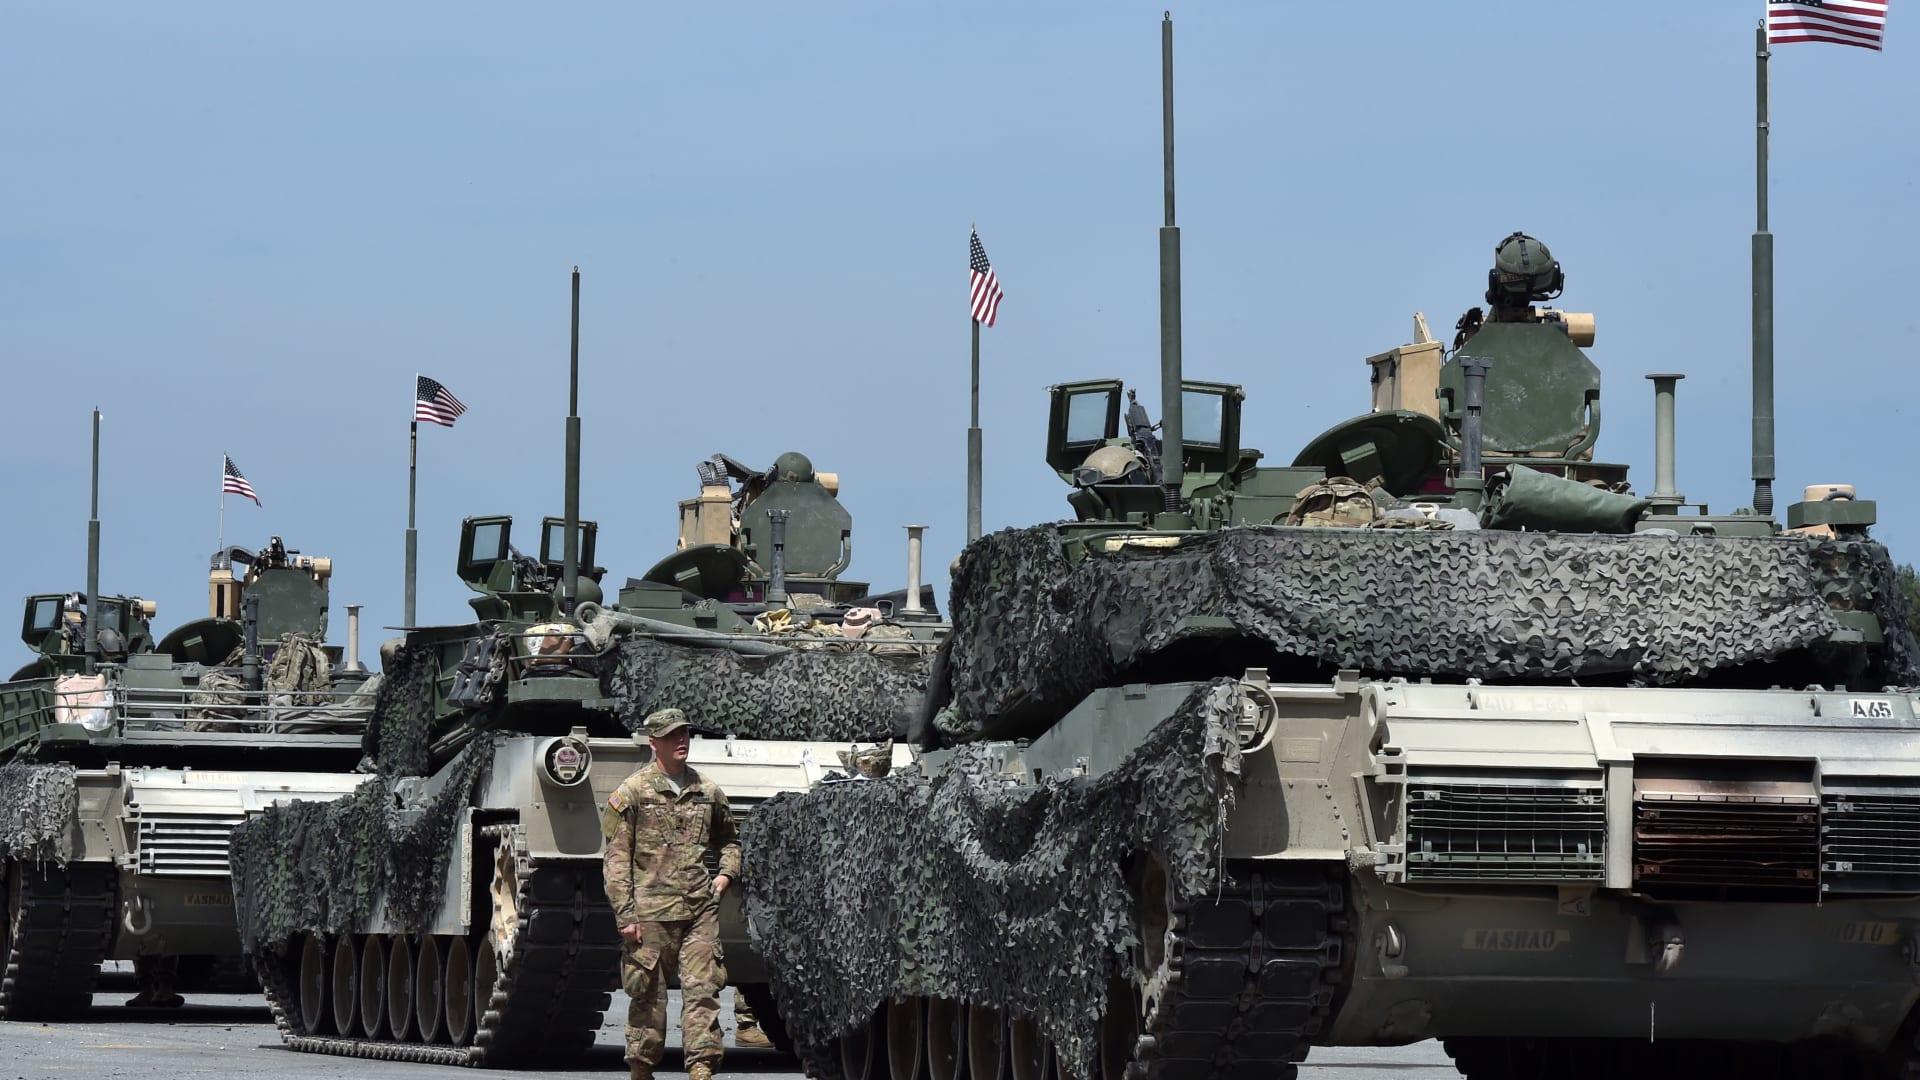 البنتاغون في حالة قلق منذ طلب ترامب لعرض عسكري